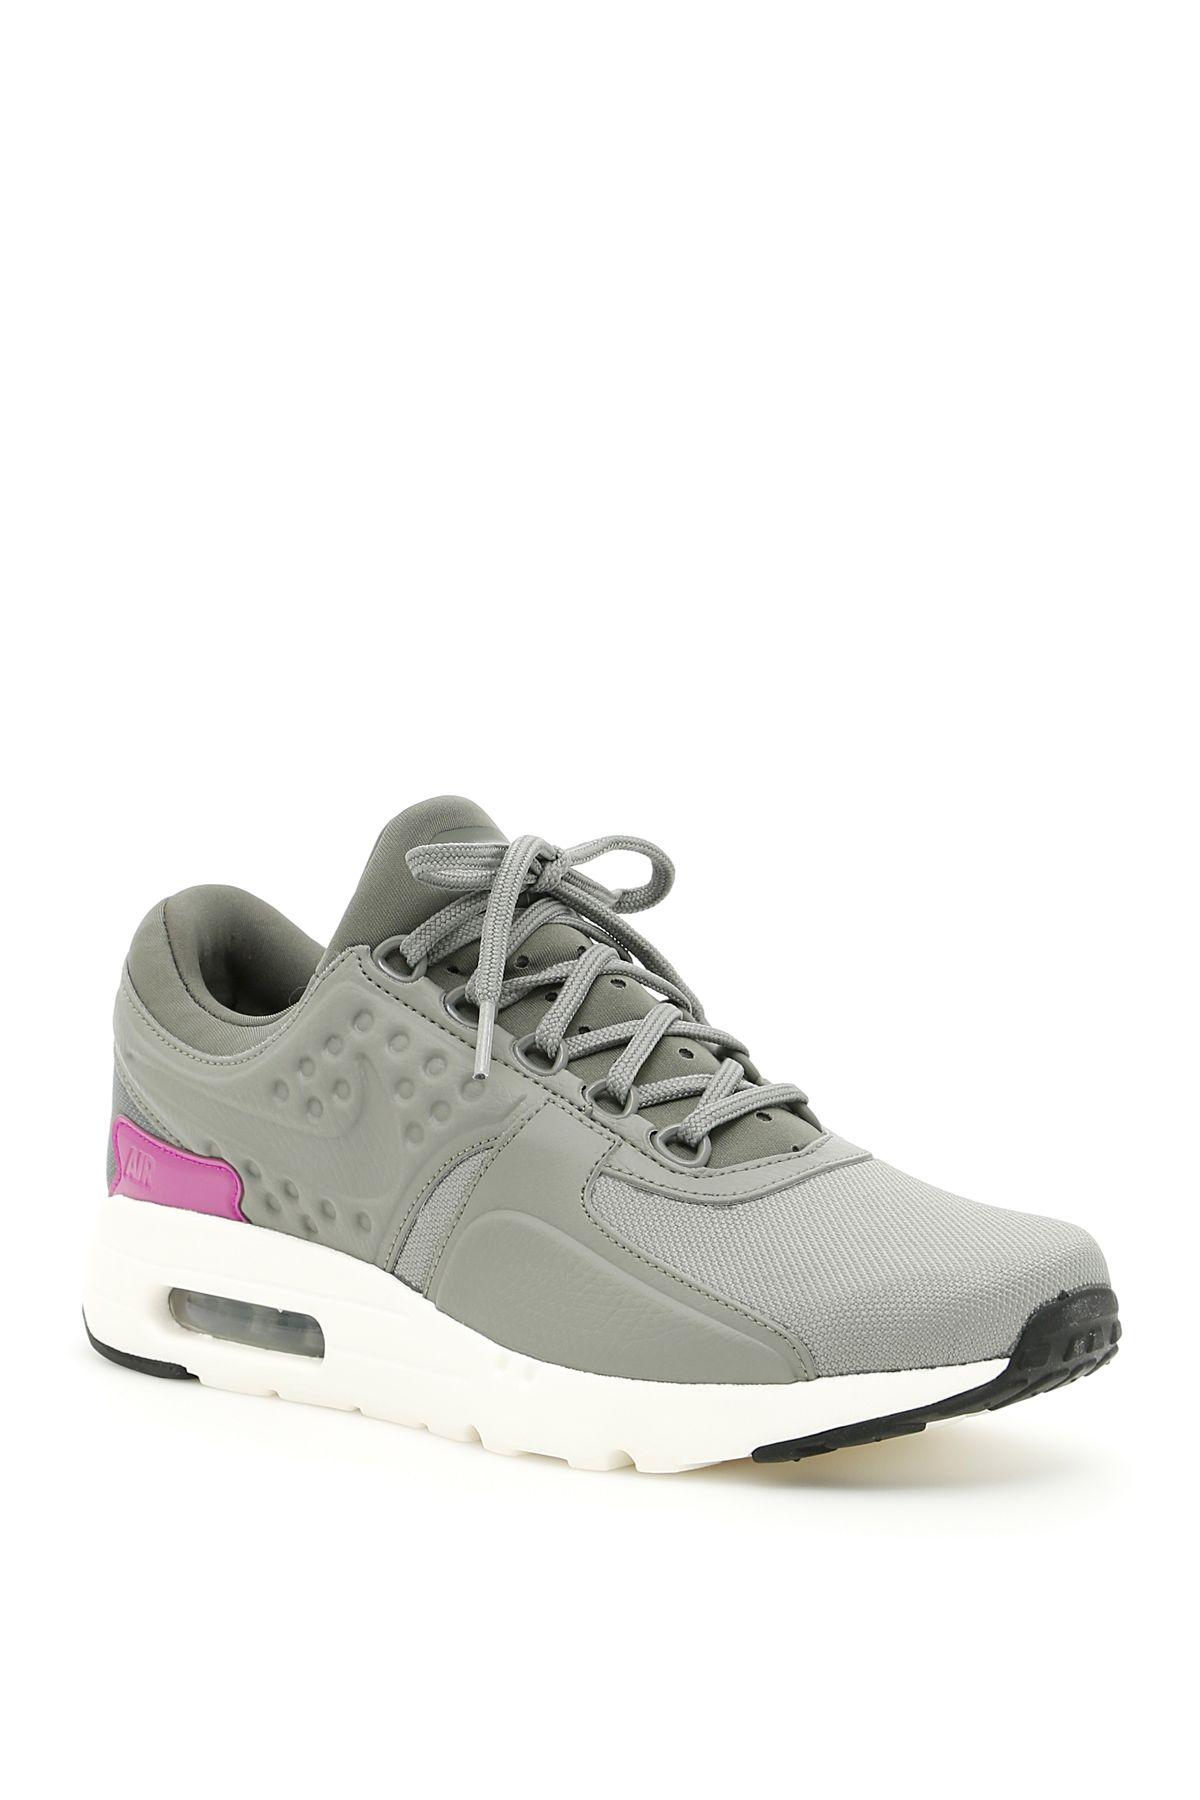 Nike Air Max Zero Premium Sneakers